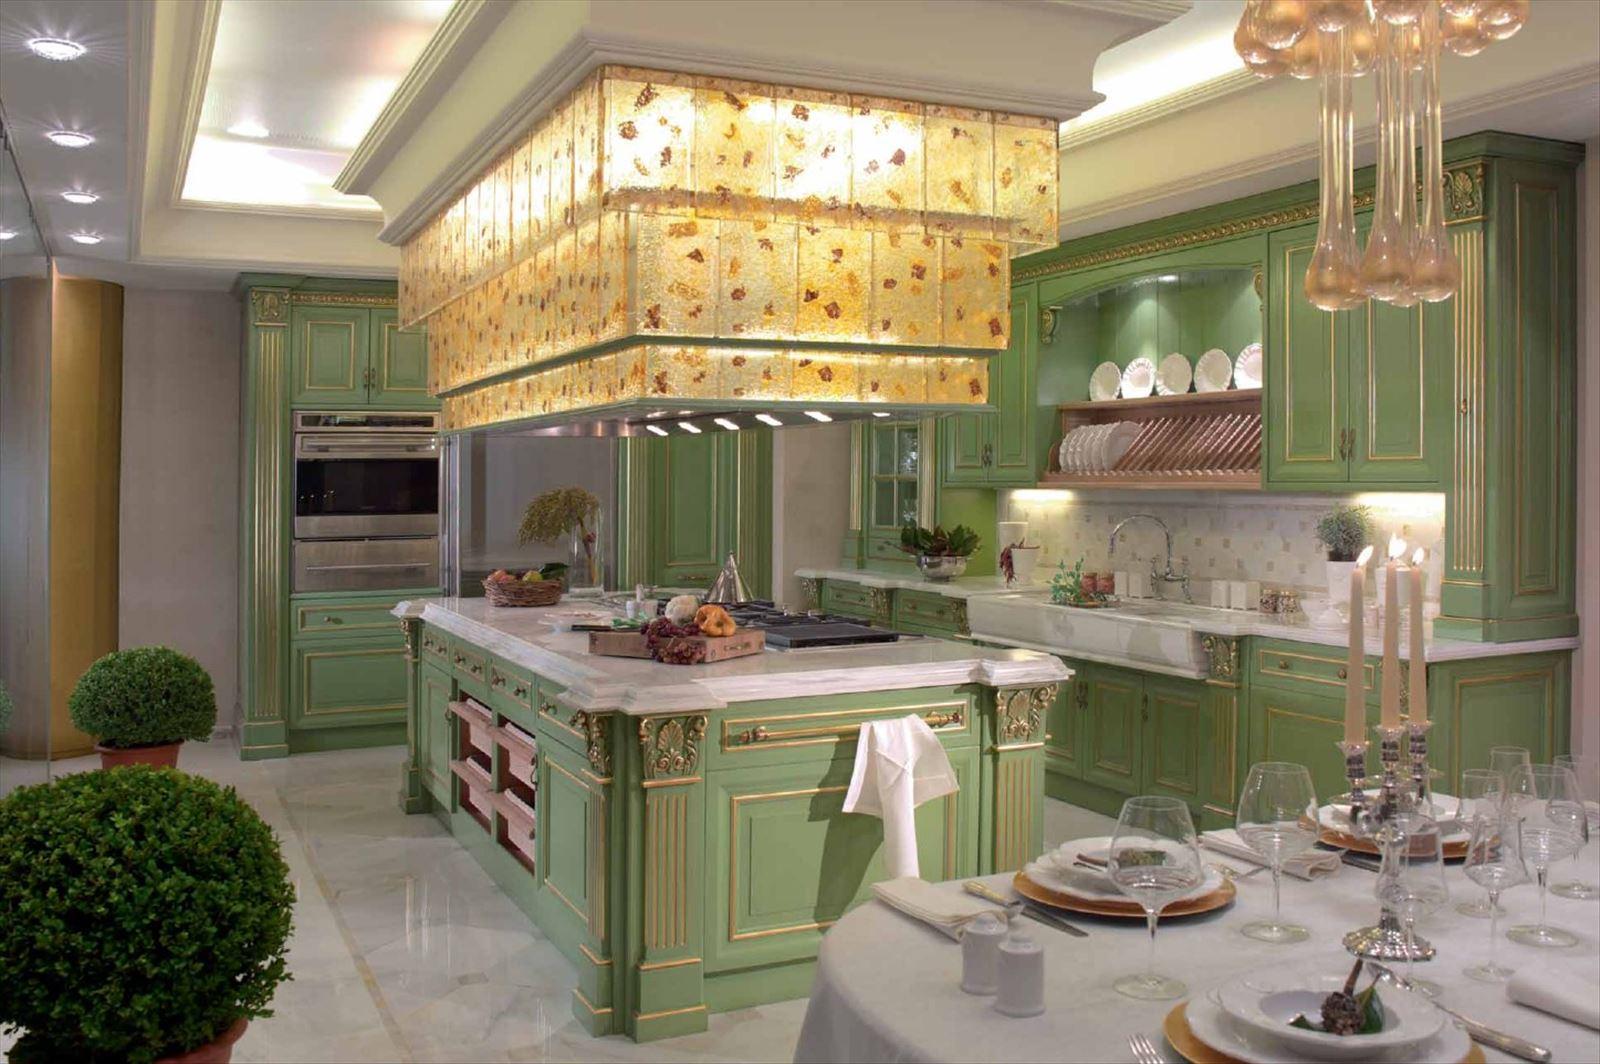 Кухни угловые с барной стойкой дизайн фото означает изображение